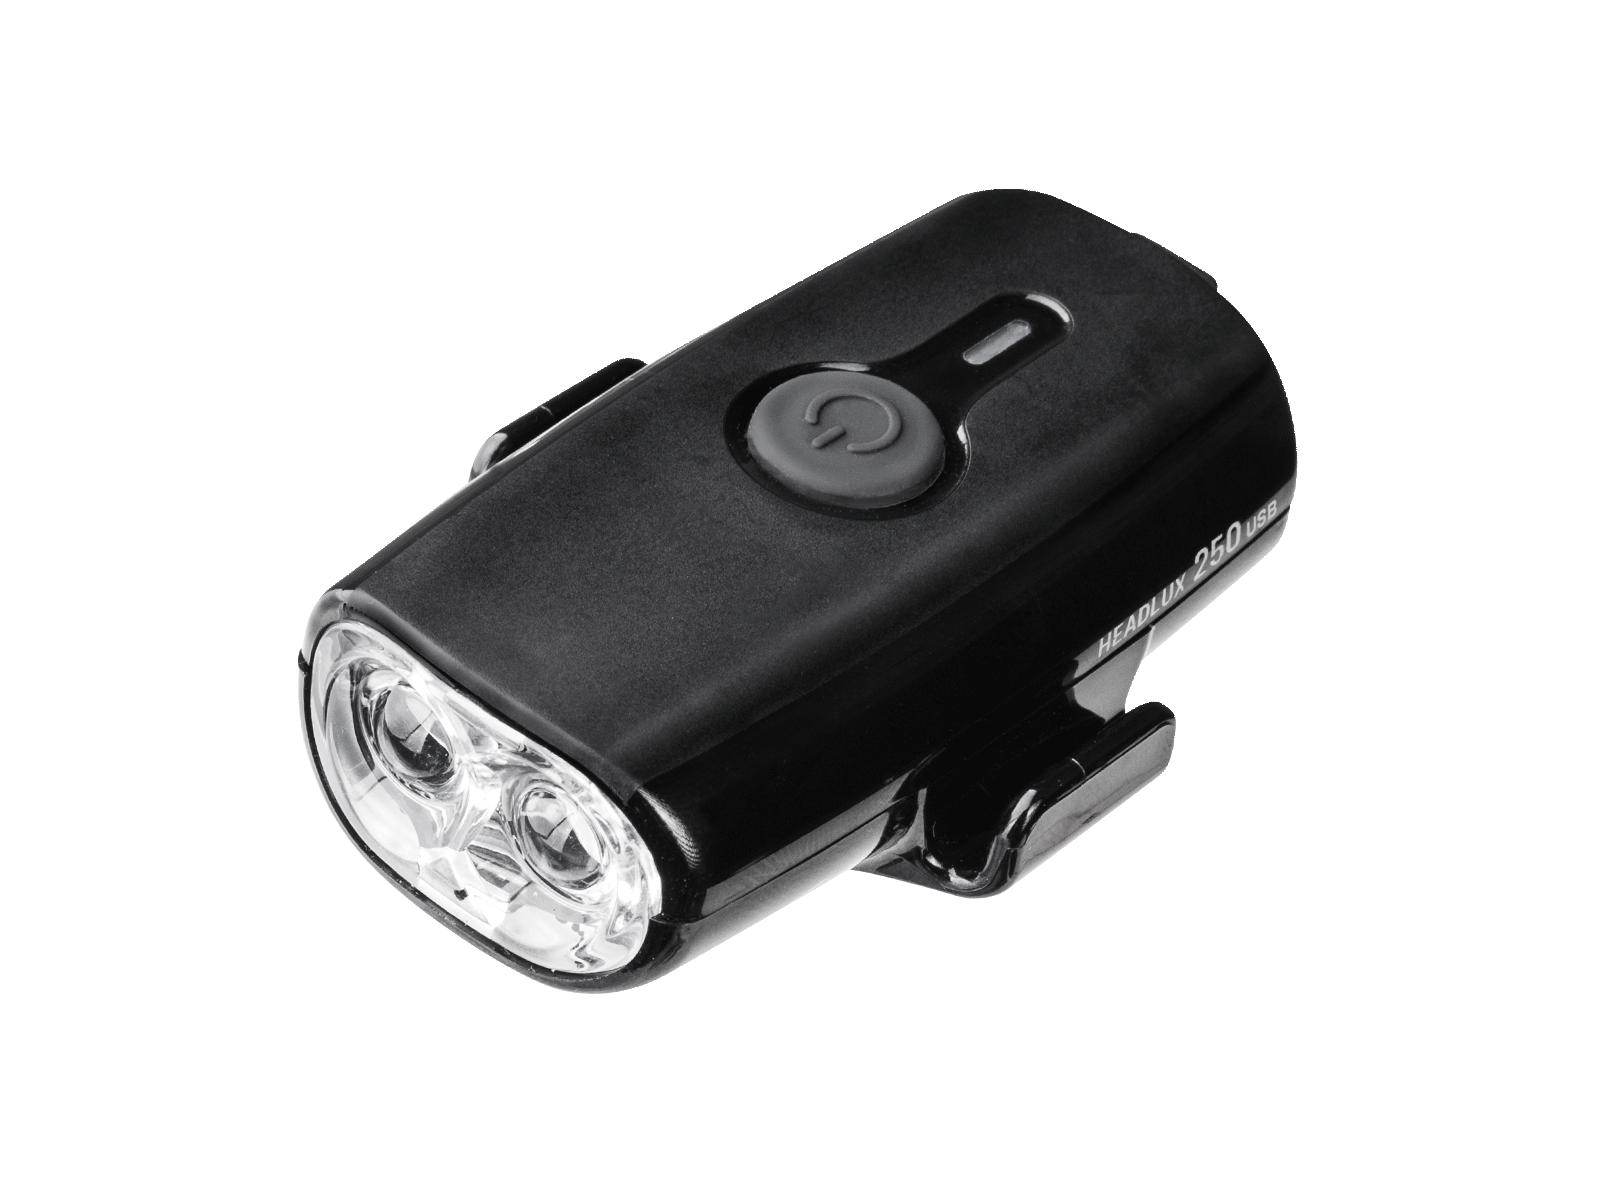 HEADLUX 250 USB